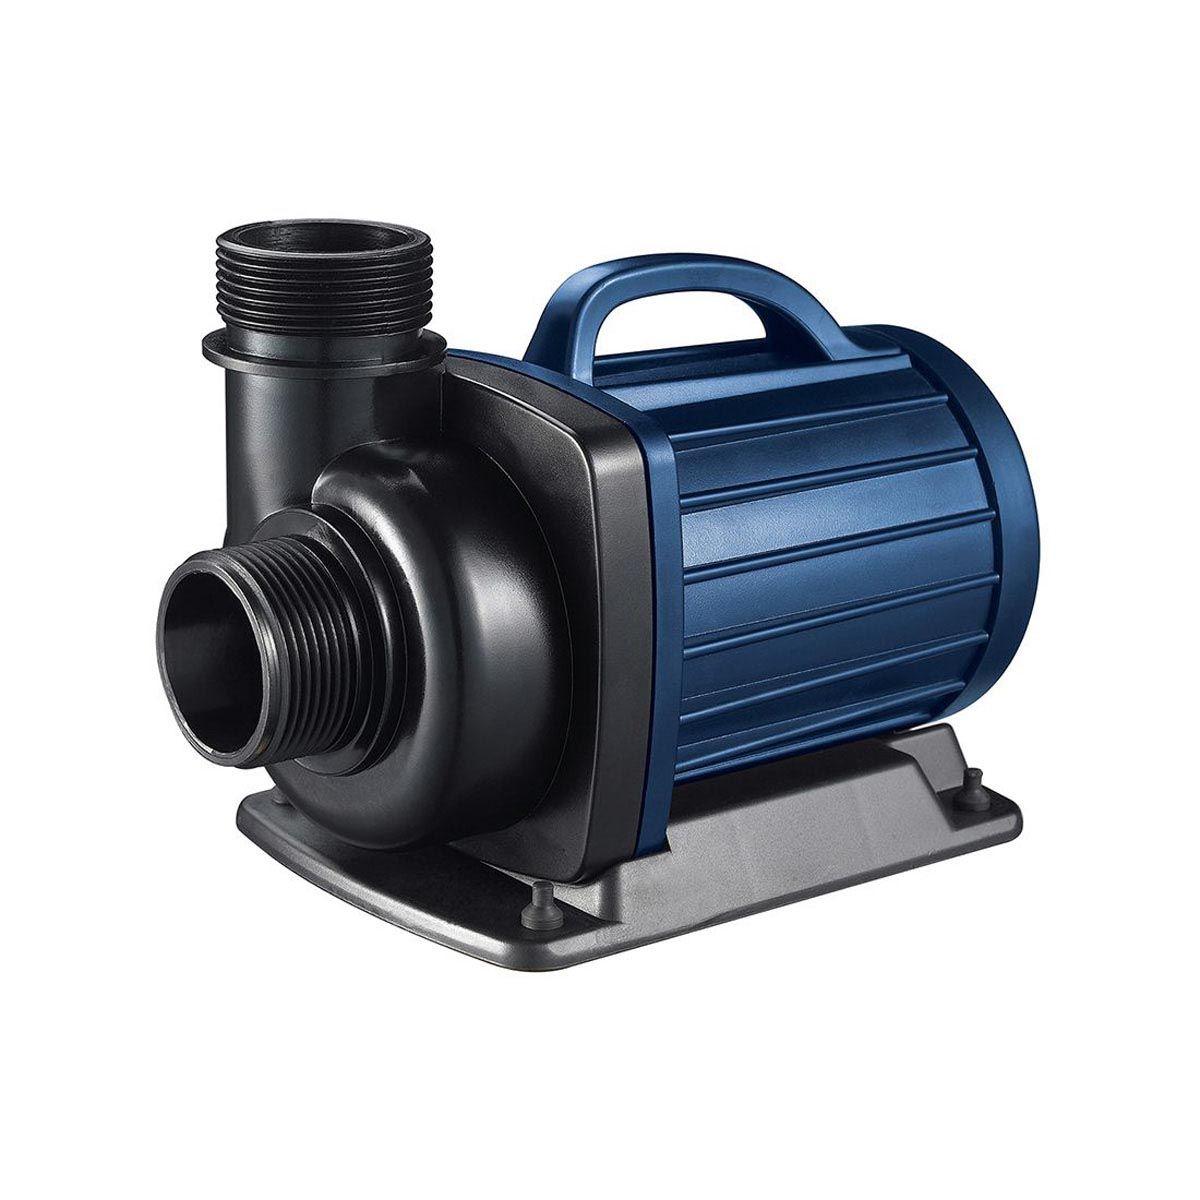 Teichpumpe Vario 20000, mit Frequenzsteuerung, H max. 7.0 m, Q max. 20000 l/h, 0.187kW